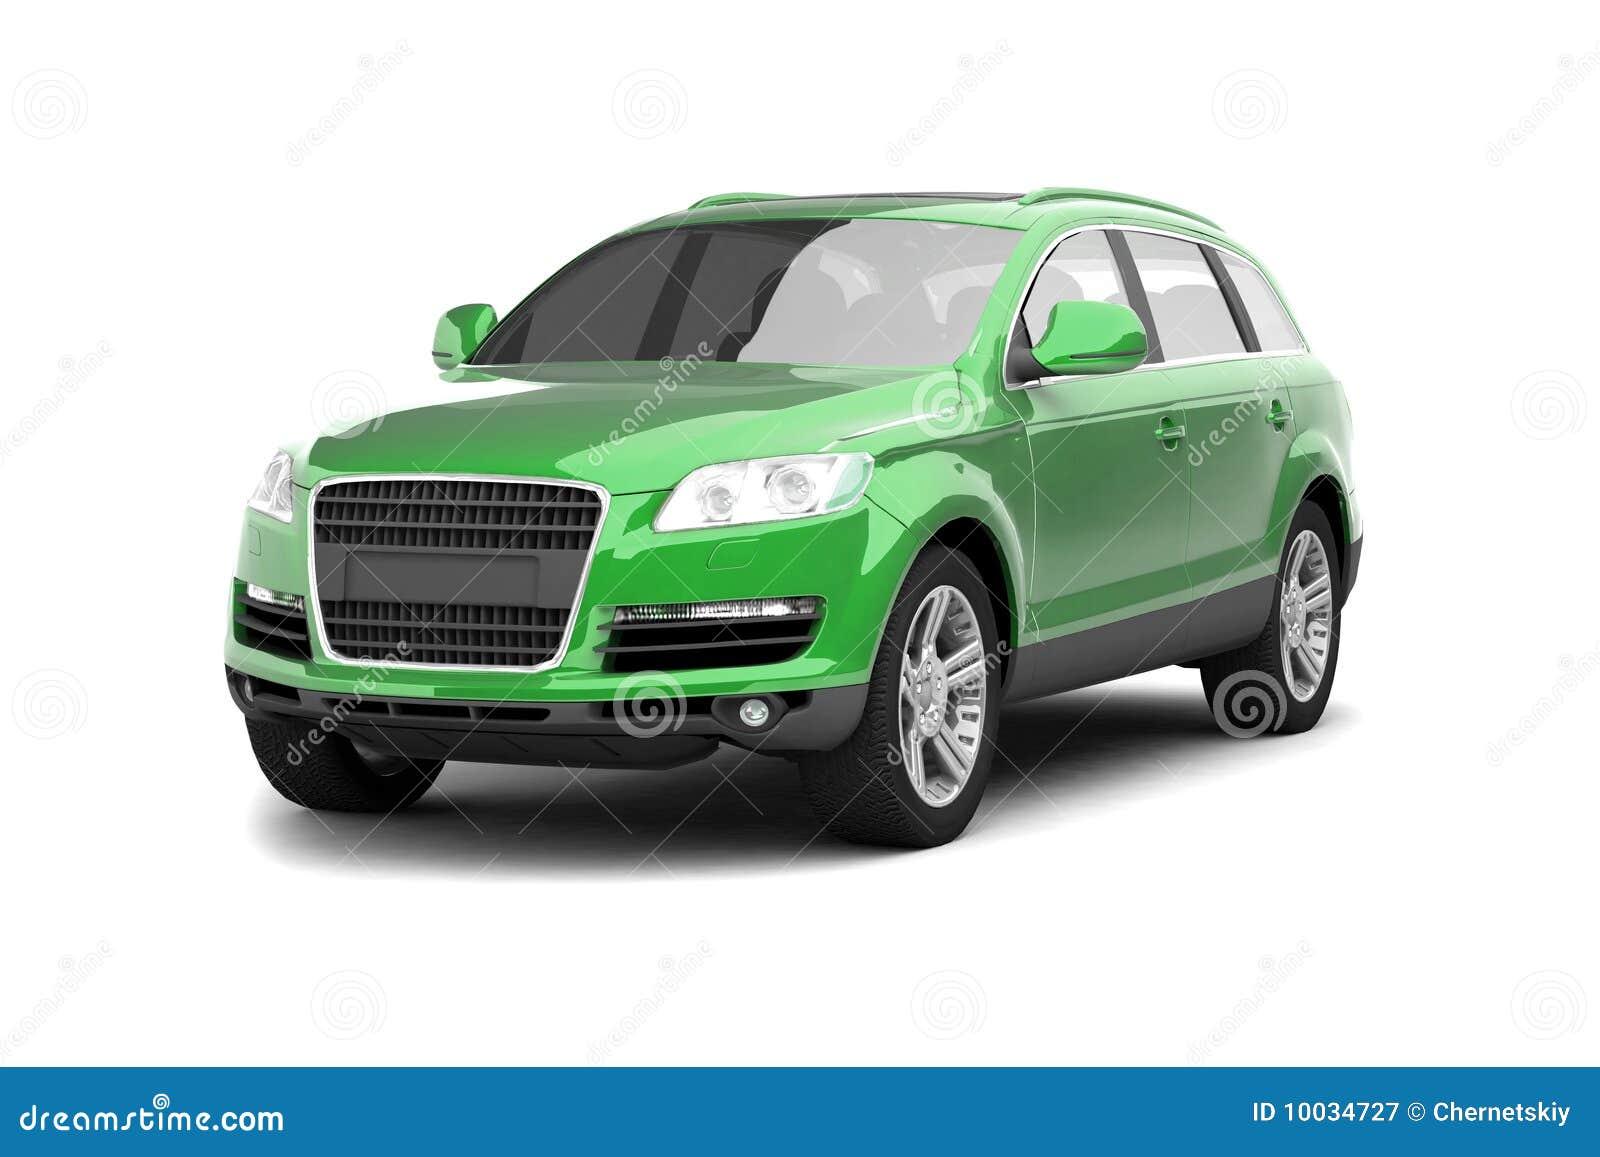 Luxury green crossover SUV stock illustration ...